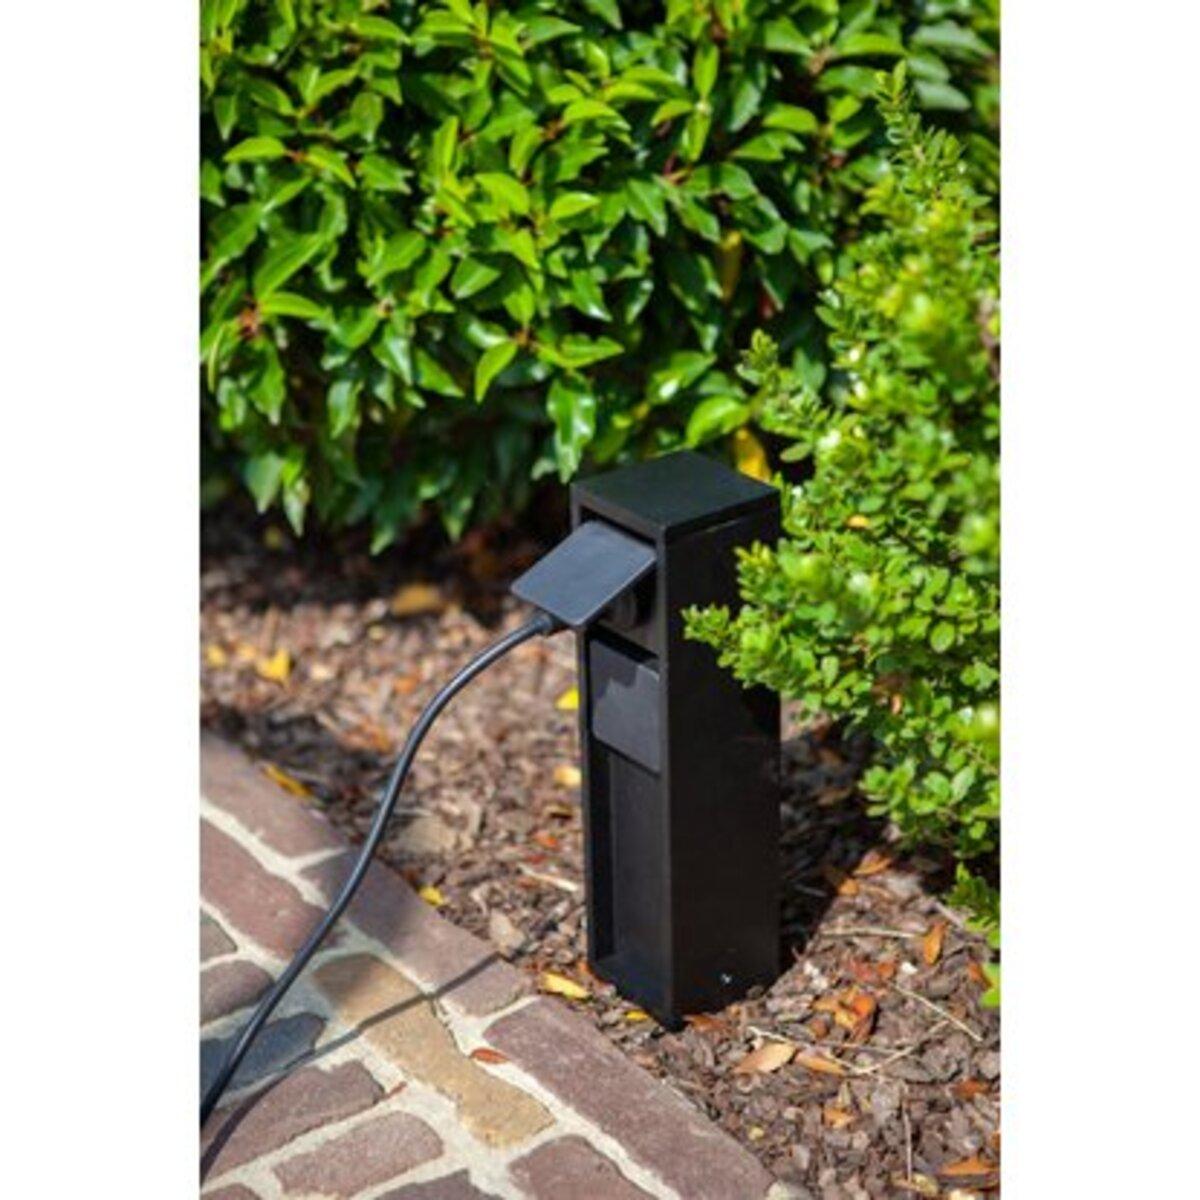 Bild 1 von Lutec Stromverteiler Mains Schwarz